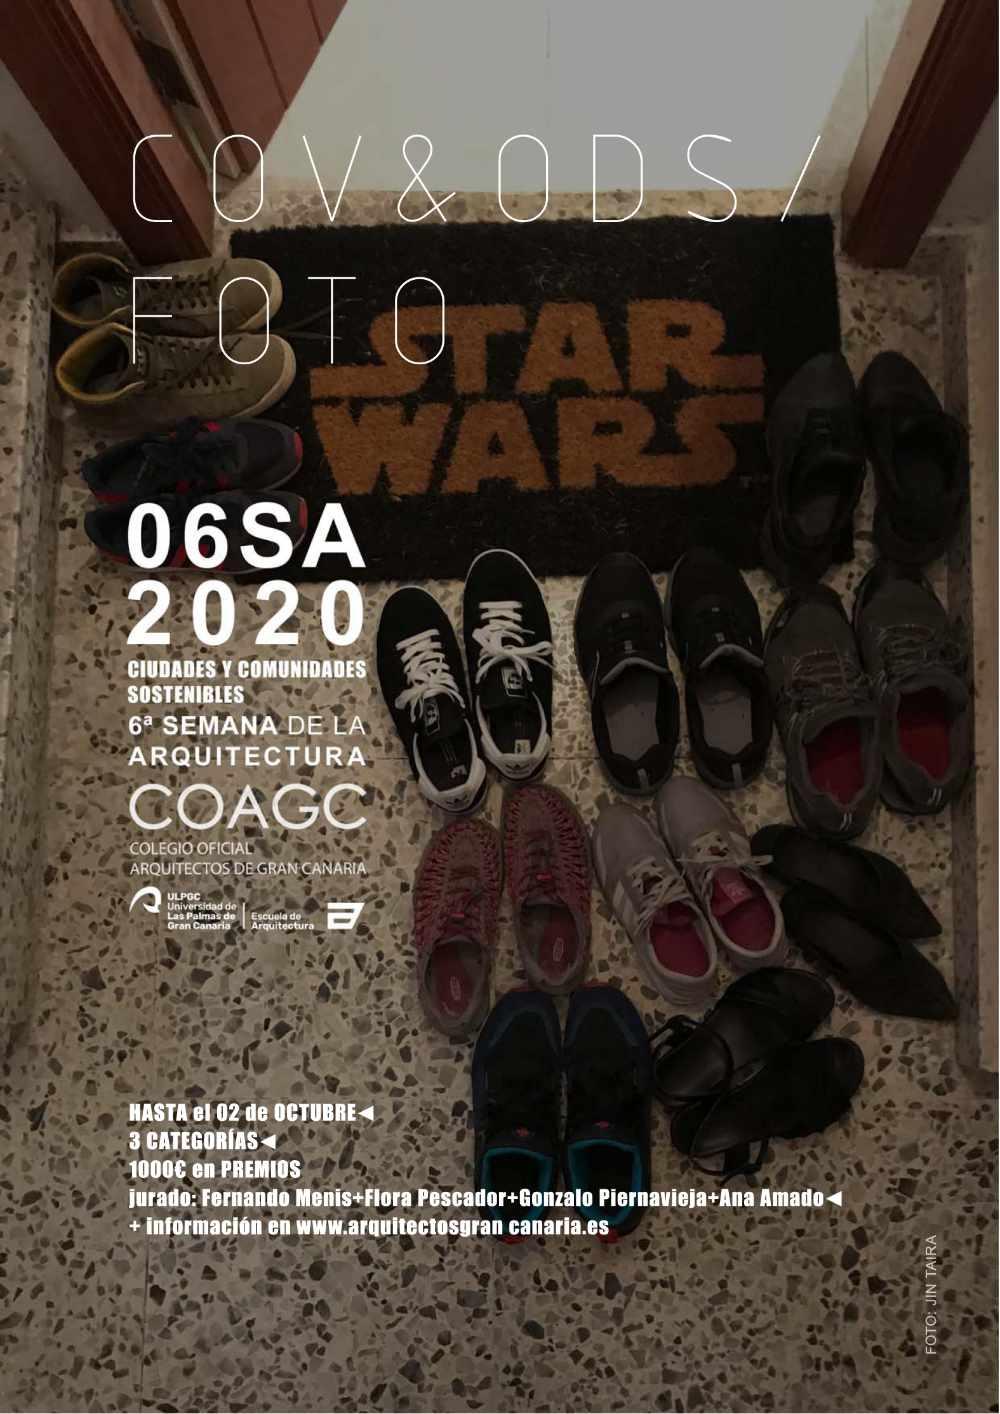 Concurso de fotografía de la 06SA: COV&ODS / Foto